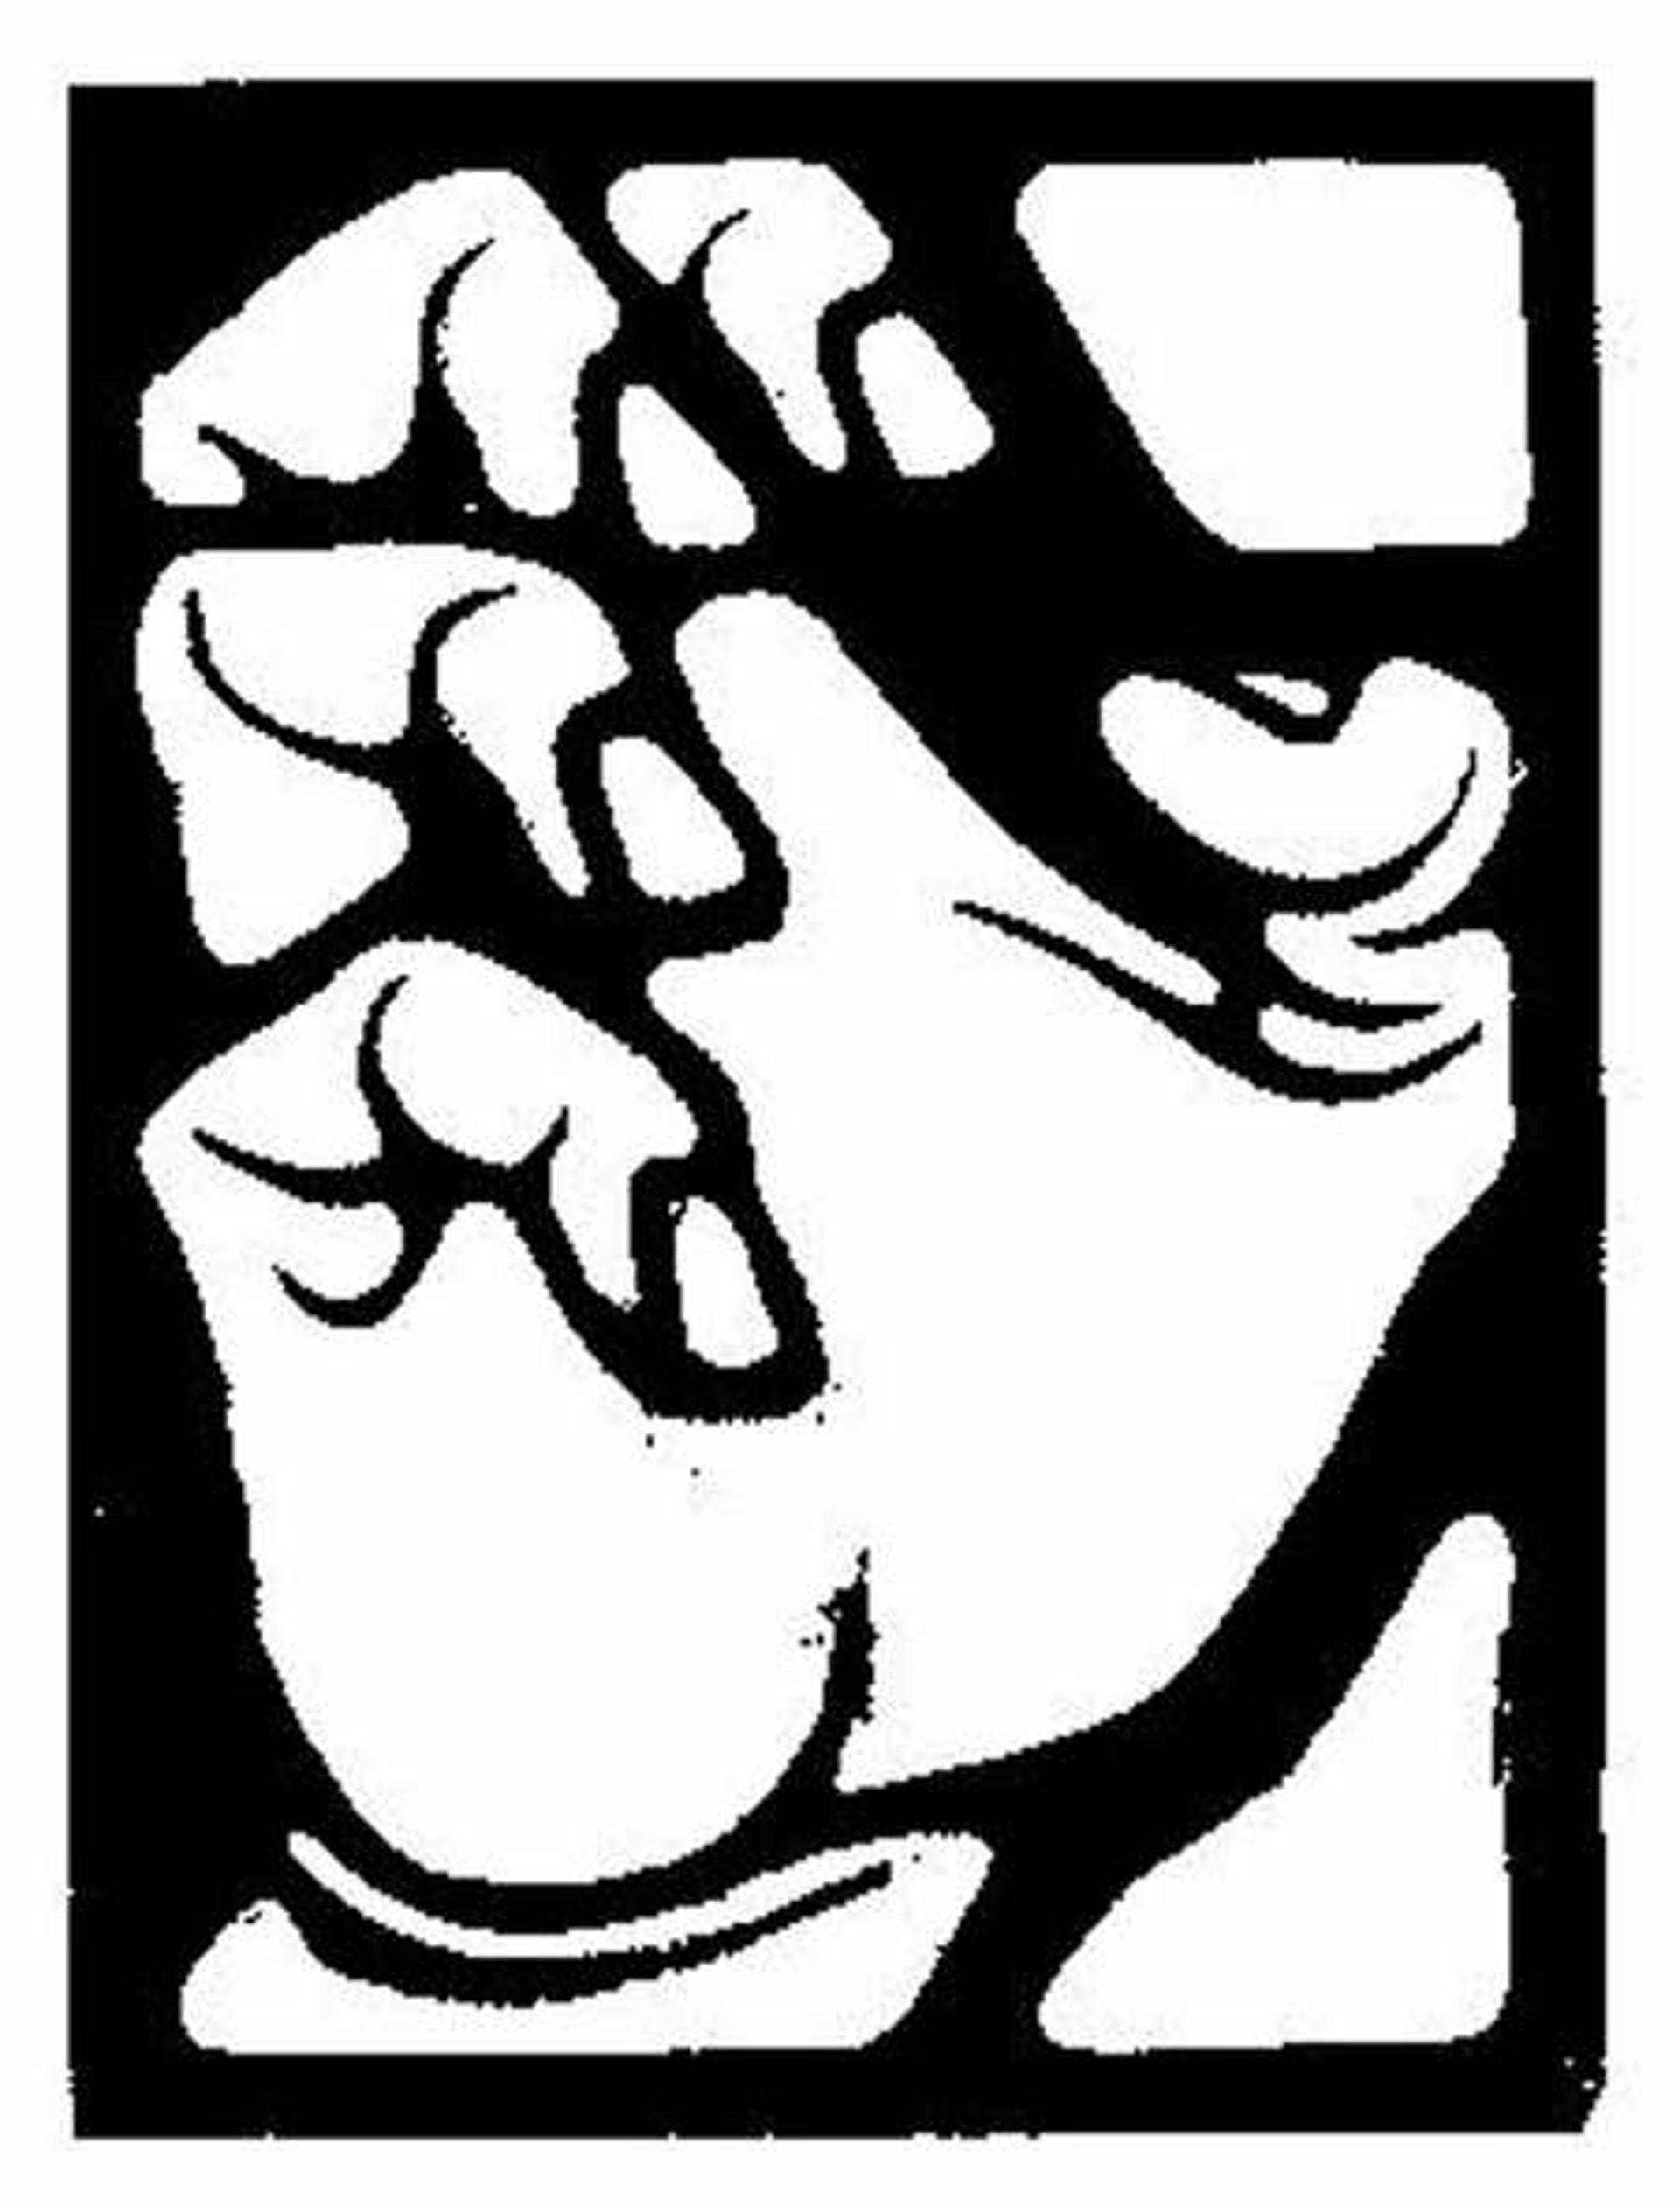 Flor de Pascua - Whore's Superstition by M.C. Escher